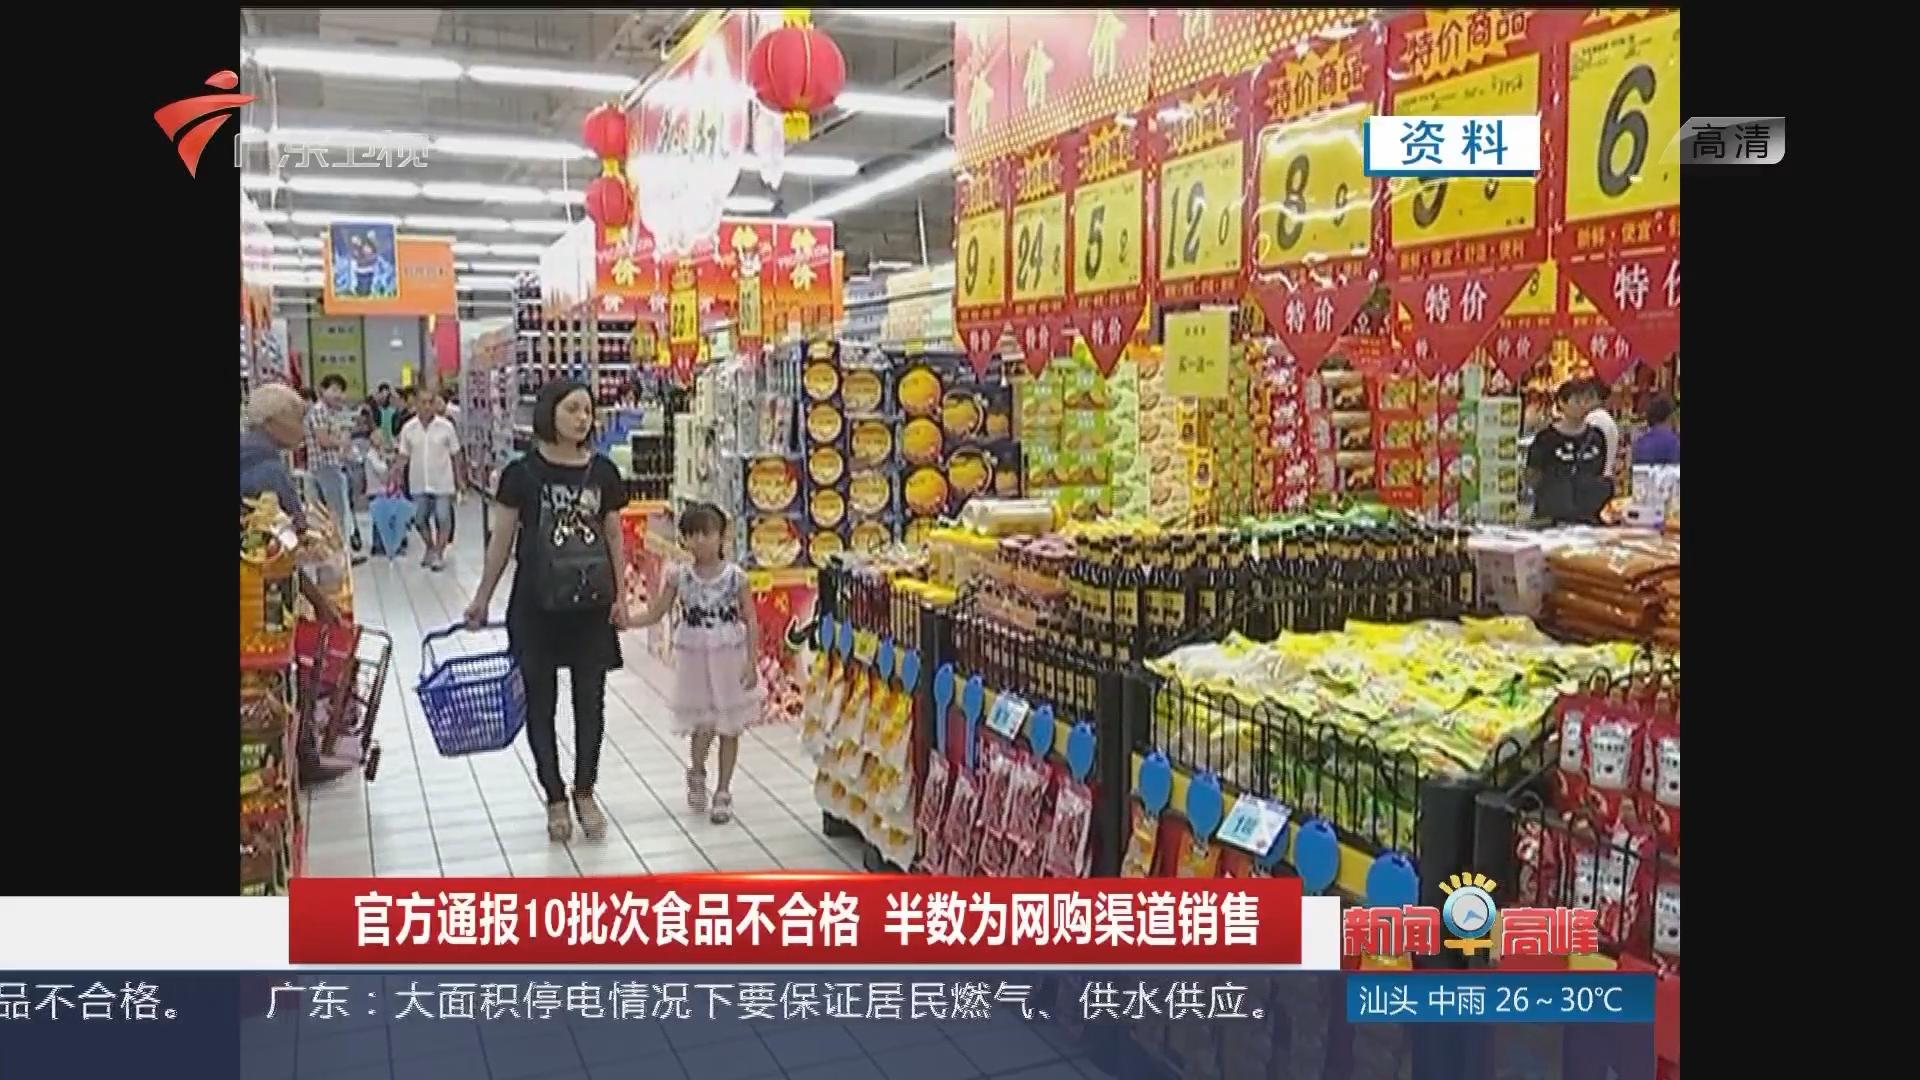 官方通报10批次食品不合格 半数为网购渠道销售